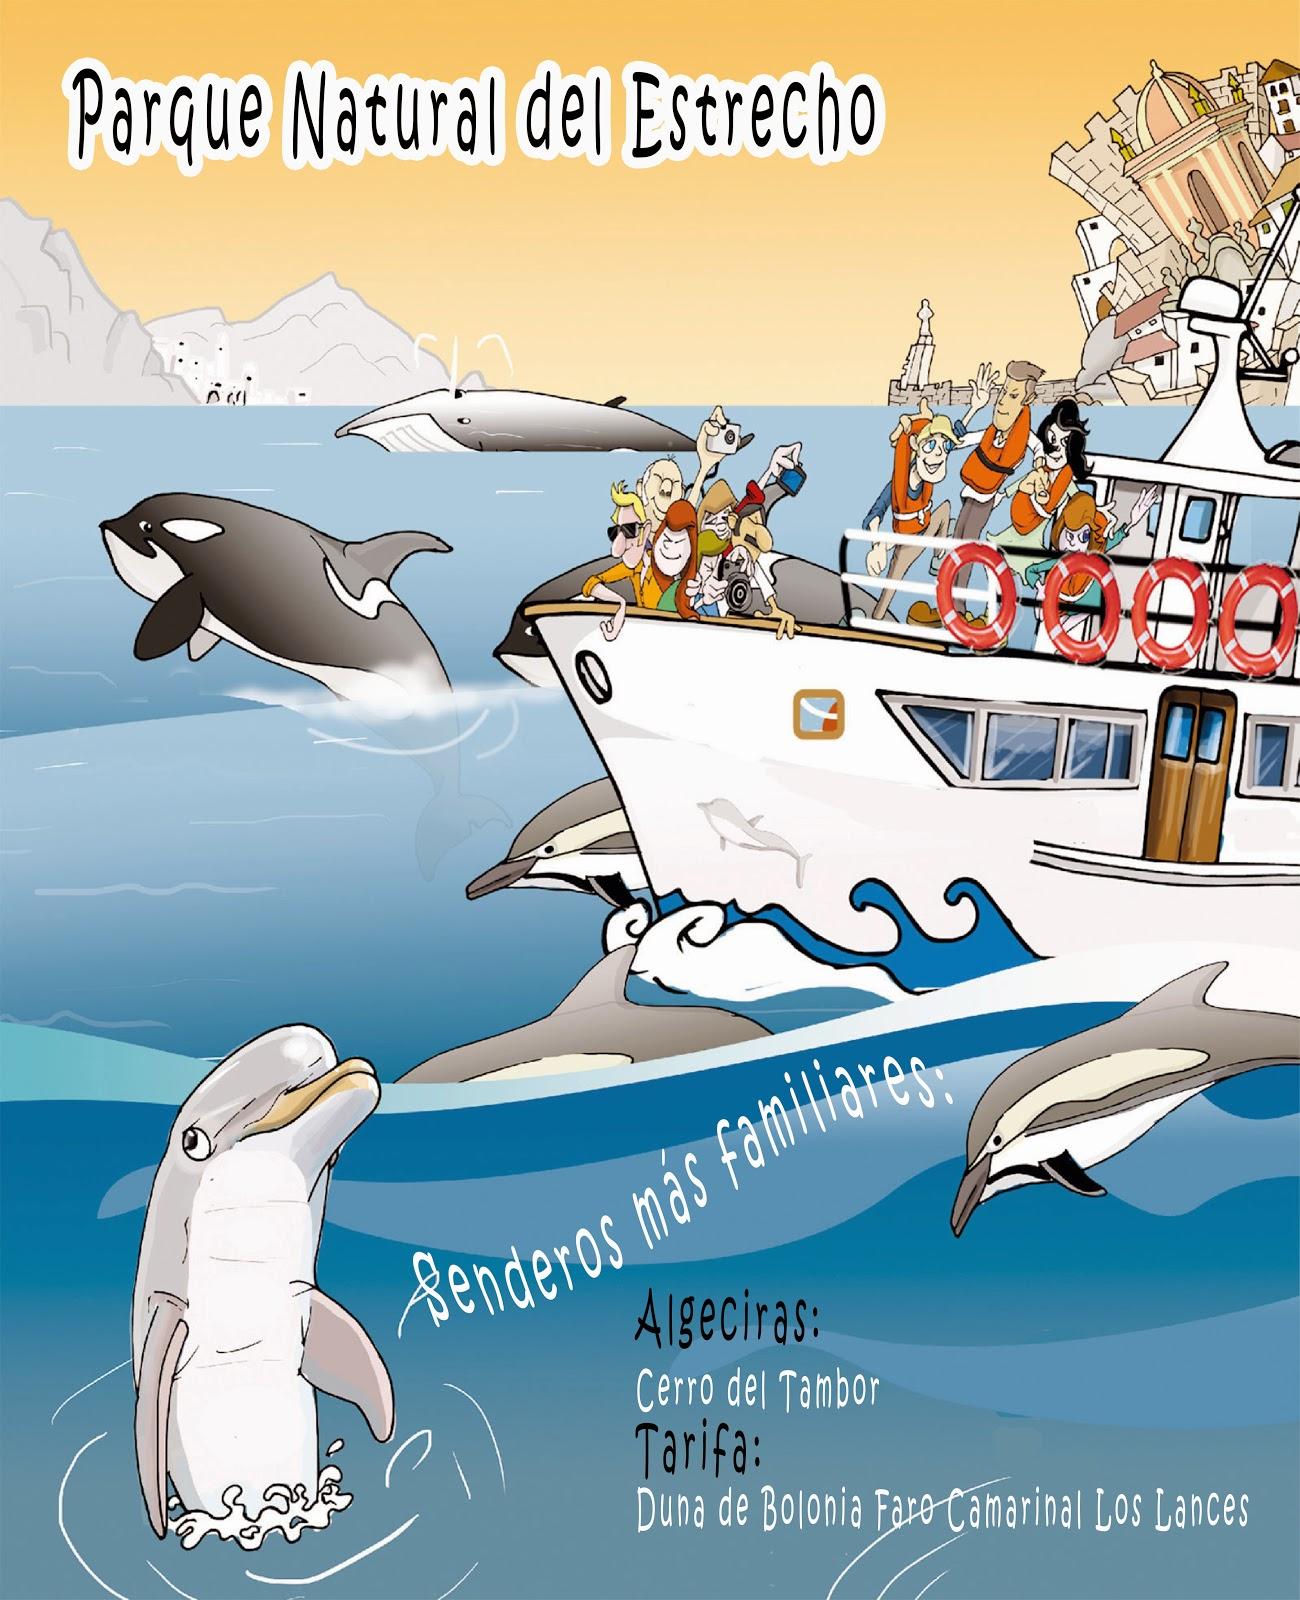 """<img src=""""Turmares.jpg"""" alt=""""El Estrecho de Gibraltar en dibujo""""/>"""